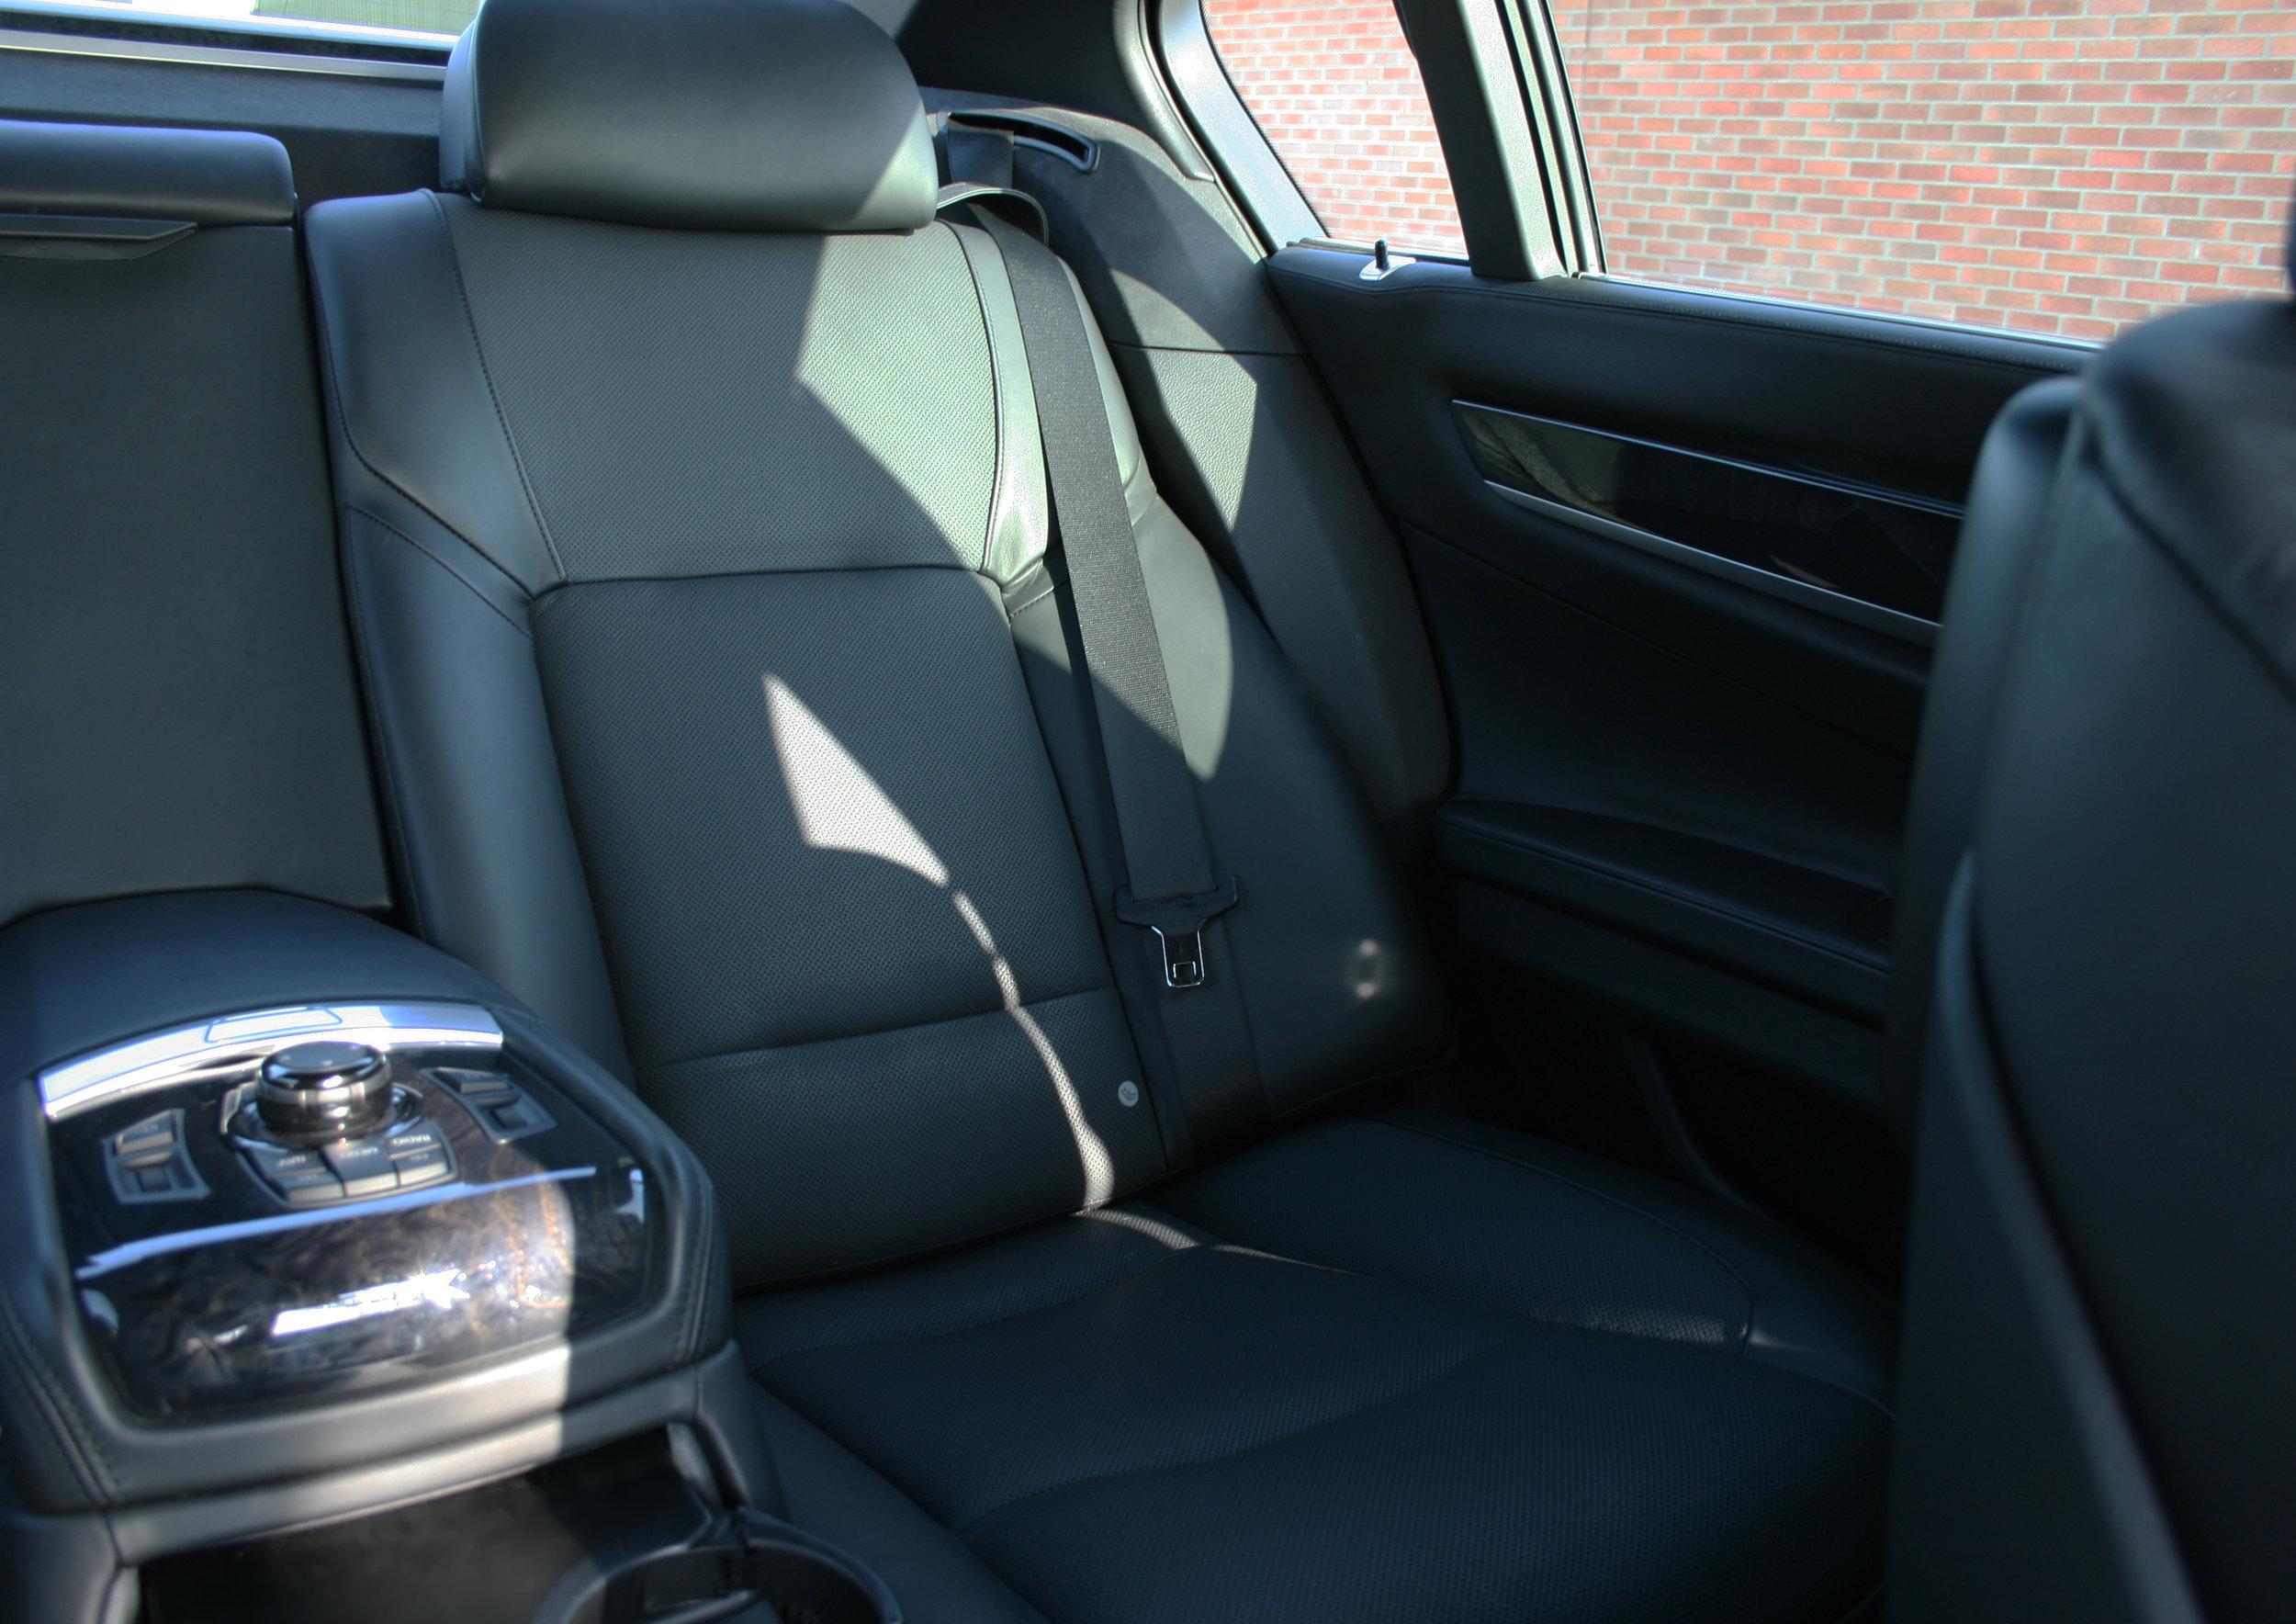 INTERIOR REAR SEAT.jpg